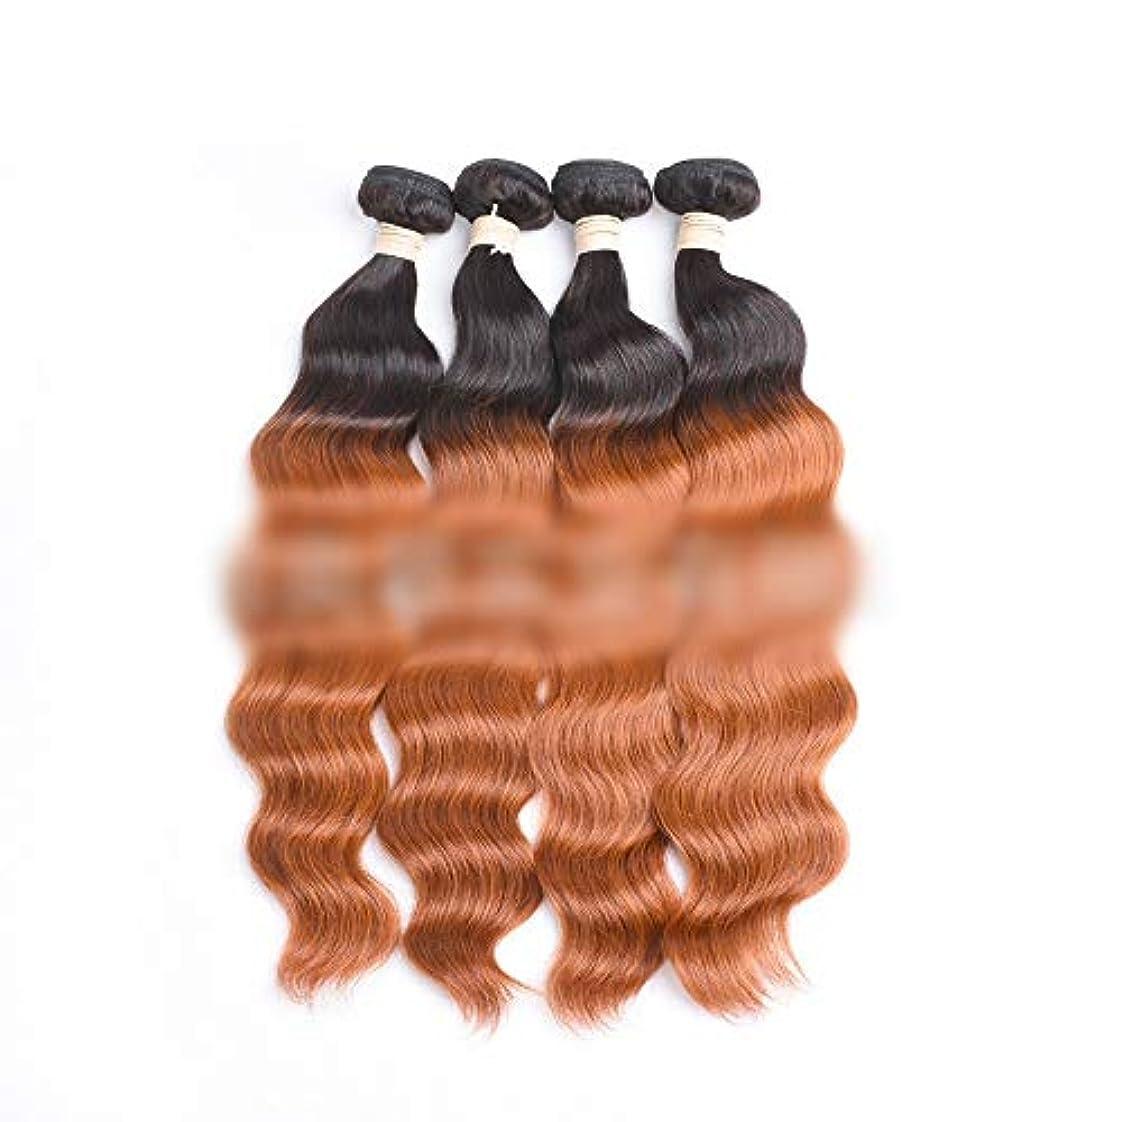 通行人カテナクラッチWASAIO #30明るいブラウン色 - ハロウィンヘアアクセサリーウィッグは女性1つのバンドル未処理の人毛エクステンション用キャップ (色 : ブラウン, サイズ : 20 inch)